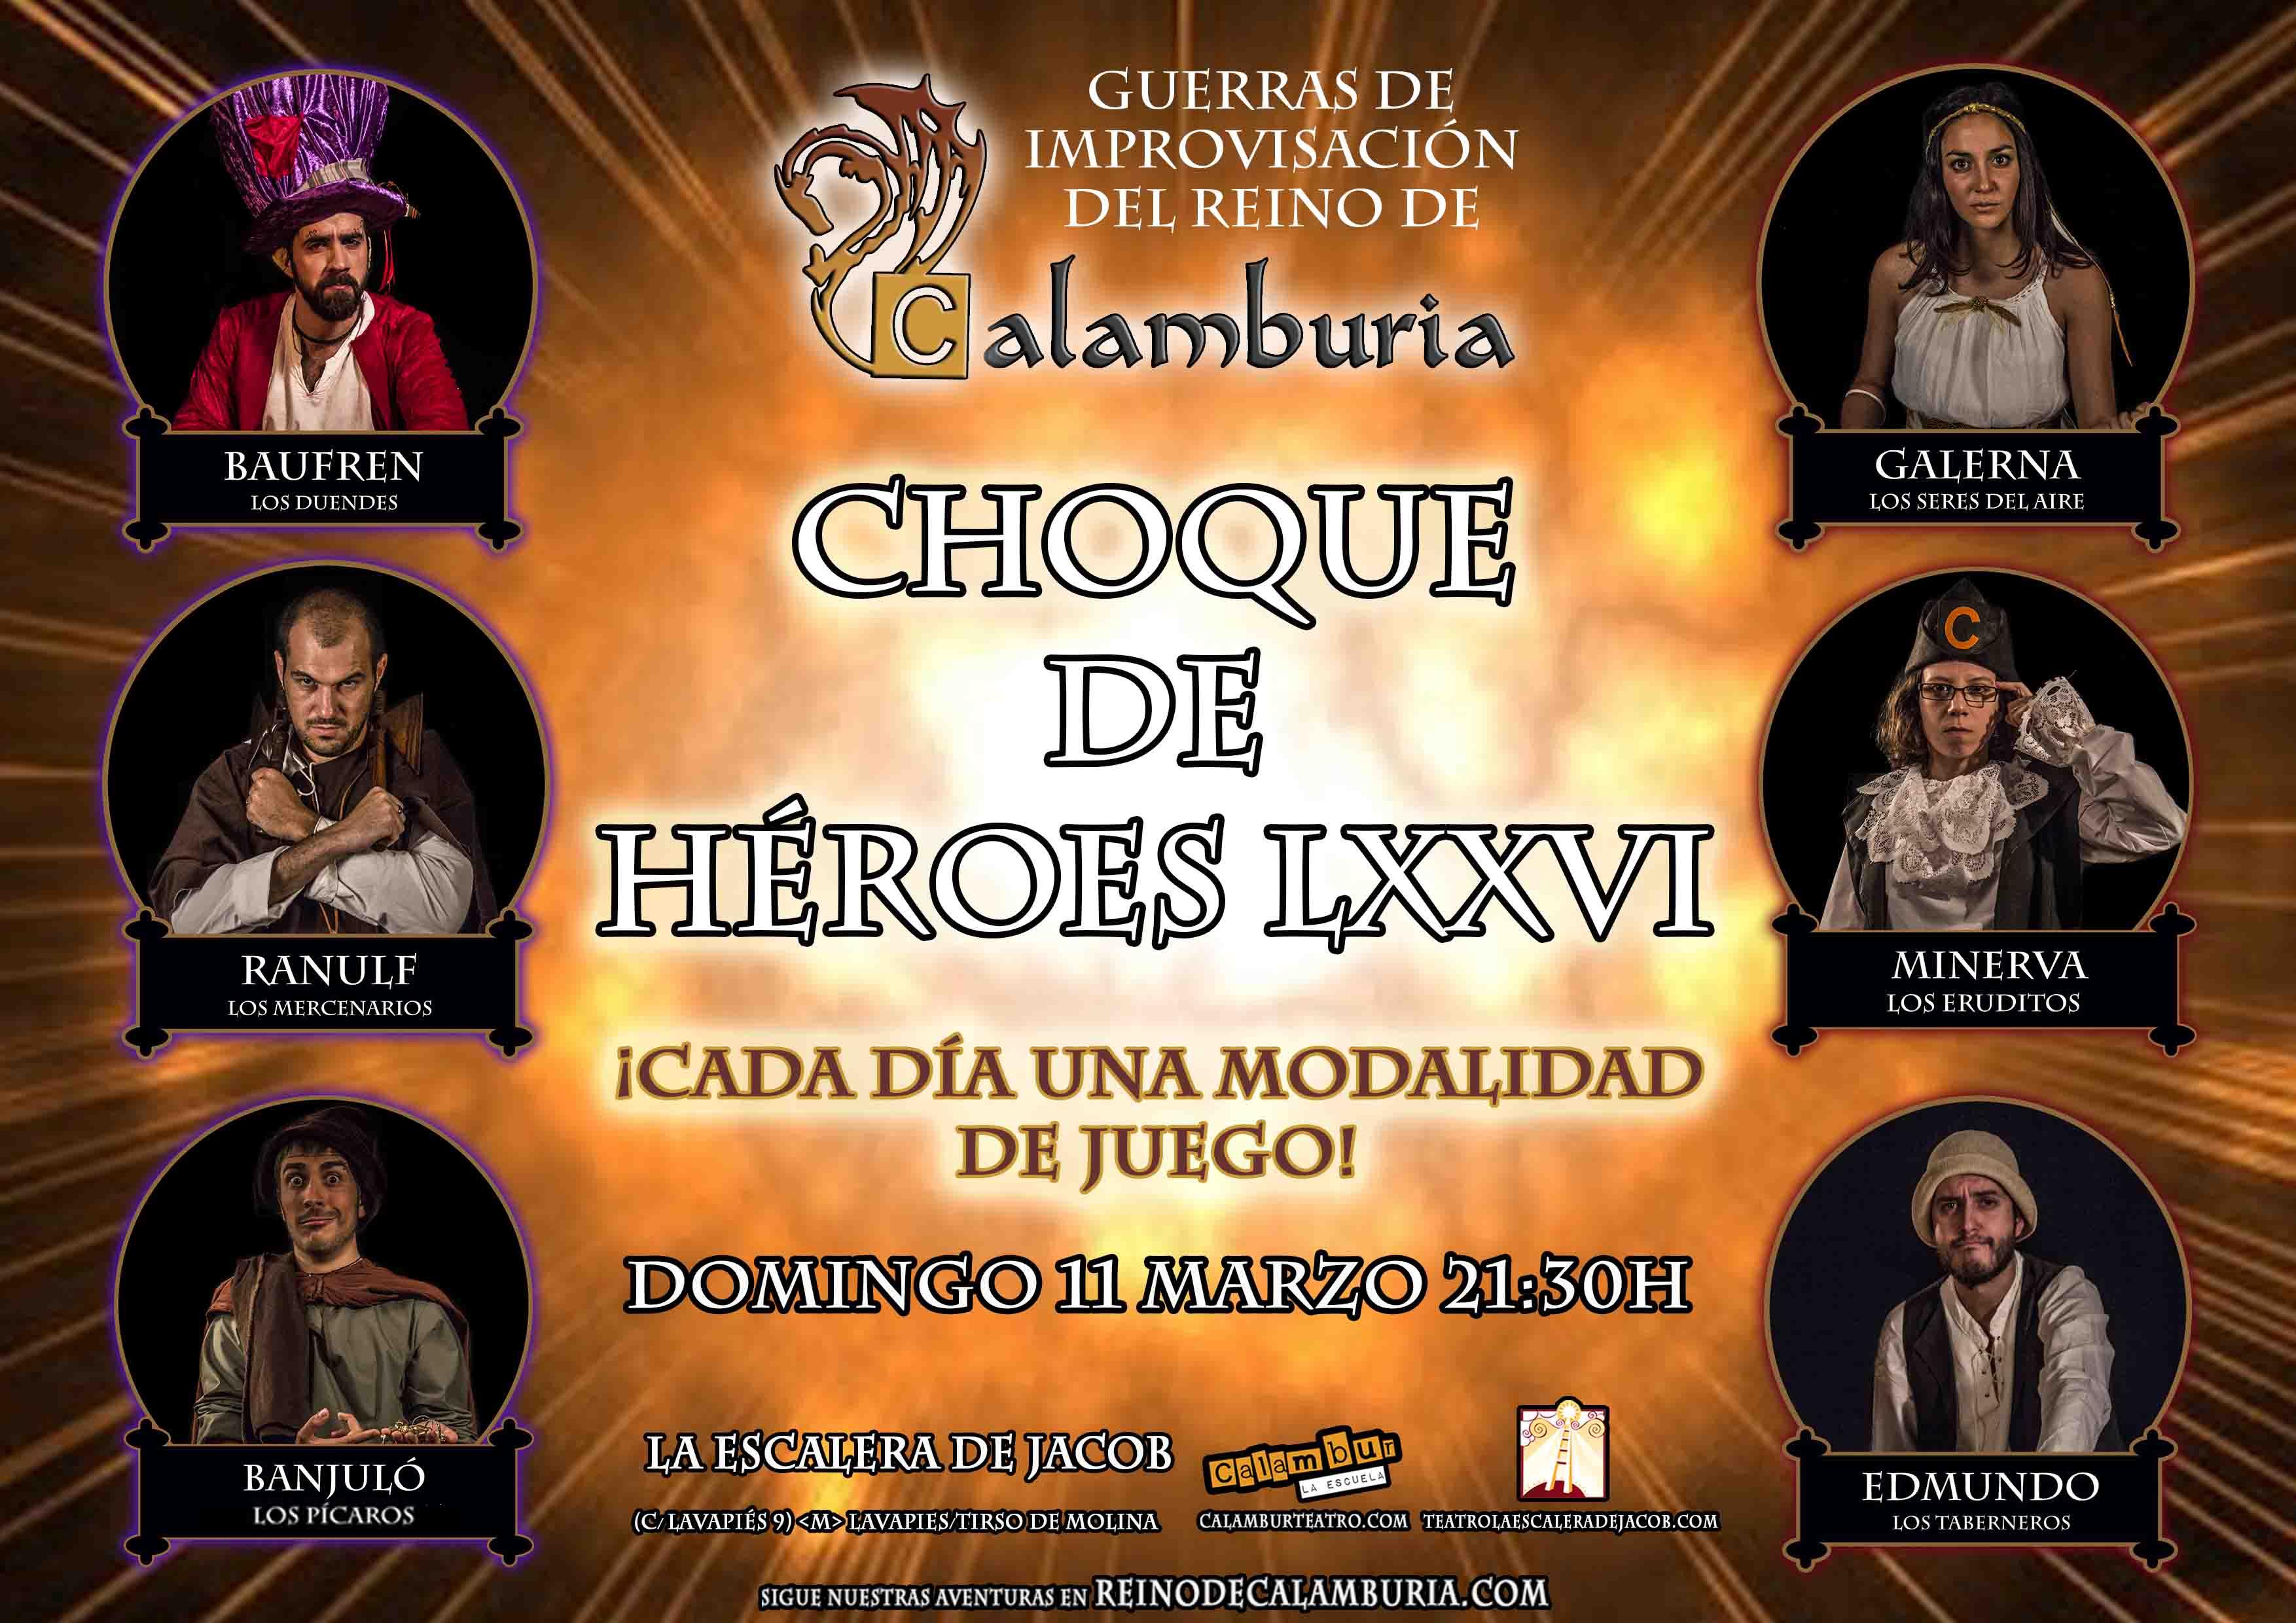 CHOQUE DE HEROES 76